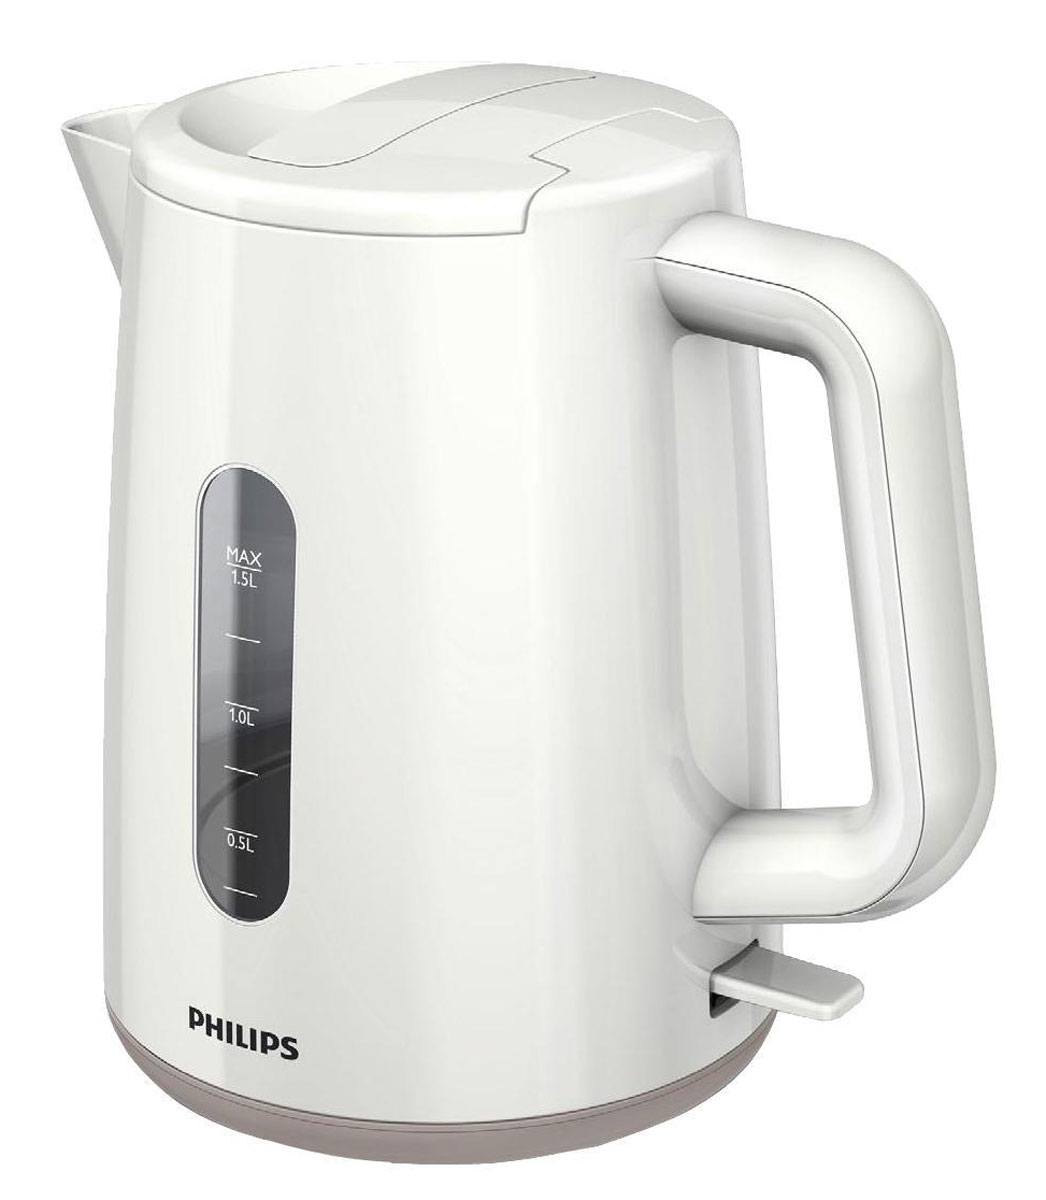 Philips HD9300/00 электрочайникHD9300/00Не правда ли, здорово за считаные секунды вскипятить воду и без лишних усилий очистить чайник? Плоский и удобный в очистке нагревательный элемент позволяет быстро вскипятить воду. Благодаря моющемуся фильтру от накипи вода становится чистой, а напитки - без частиц известкового осадка. Удобное наполнение через носик/крышкуНаполнить чайник можно через носик или открыв крышку. Широко открывающаяся откидная крышка для удобства наполнения и чистки чайникаШироко открывающаяся откидная крышка для удобства наполнения и чистки чайника исключает контакт с паром. Индикаторы уровня воды с двух сторон чайникаИндикаторы уровня воды по обеим сторонам электрического чайника Philips будут удобны и для правшей, и для левшей. Катушка для удобного хранения шнураШнур оборачивается вокруг основания, что позволяет легко разместить чайник на кухне. Беспроводная подставка с поворотом на 360° для удобства использования. Фильтр для защиты от накипиФильтр для защиты от накипи обеспечивает чистоту воды и чайника. Плоский нагревательный элемент для быстрого кипячения воды и легкой чисткиВстроенный нагревательный элемент из нержавеющей стали обеспечивает быстрое кипячение и простую чистку. Комплексная система безопасностиКомплексная система безопасности для предотвращения короткого замыкания и выкипания воды. Функция автовыключения активируется, когда процесс завершается или прибор снимается с основания.